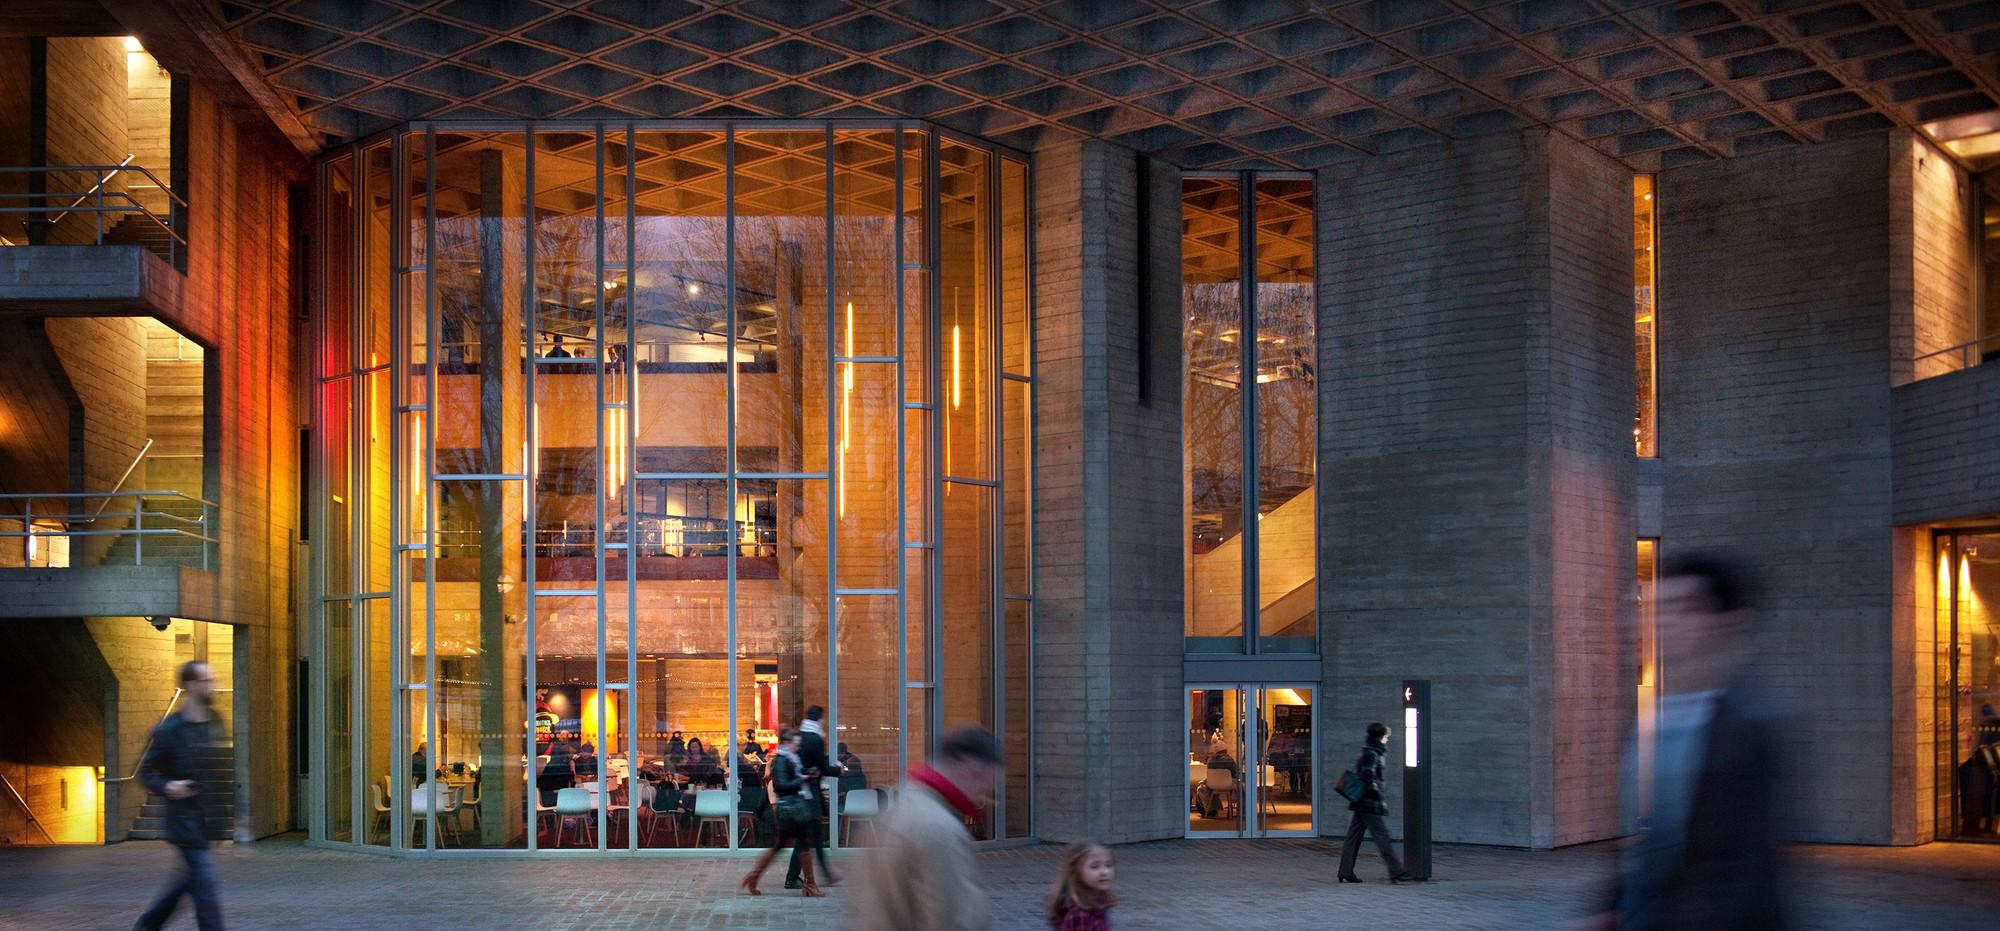 Teatro Nacional  / Haworth Tompkins, © Philip Vile